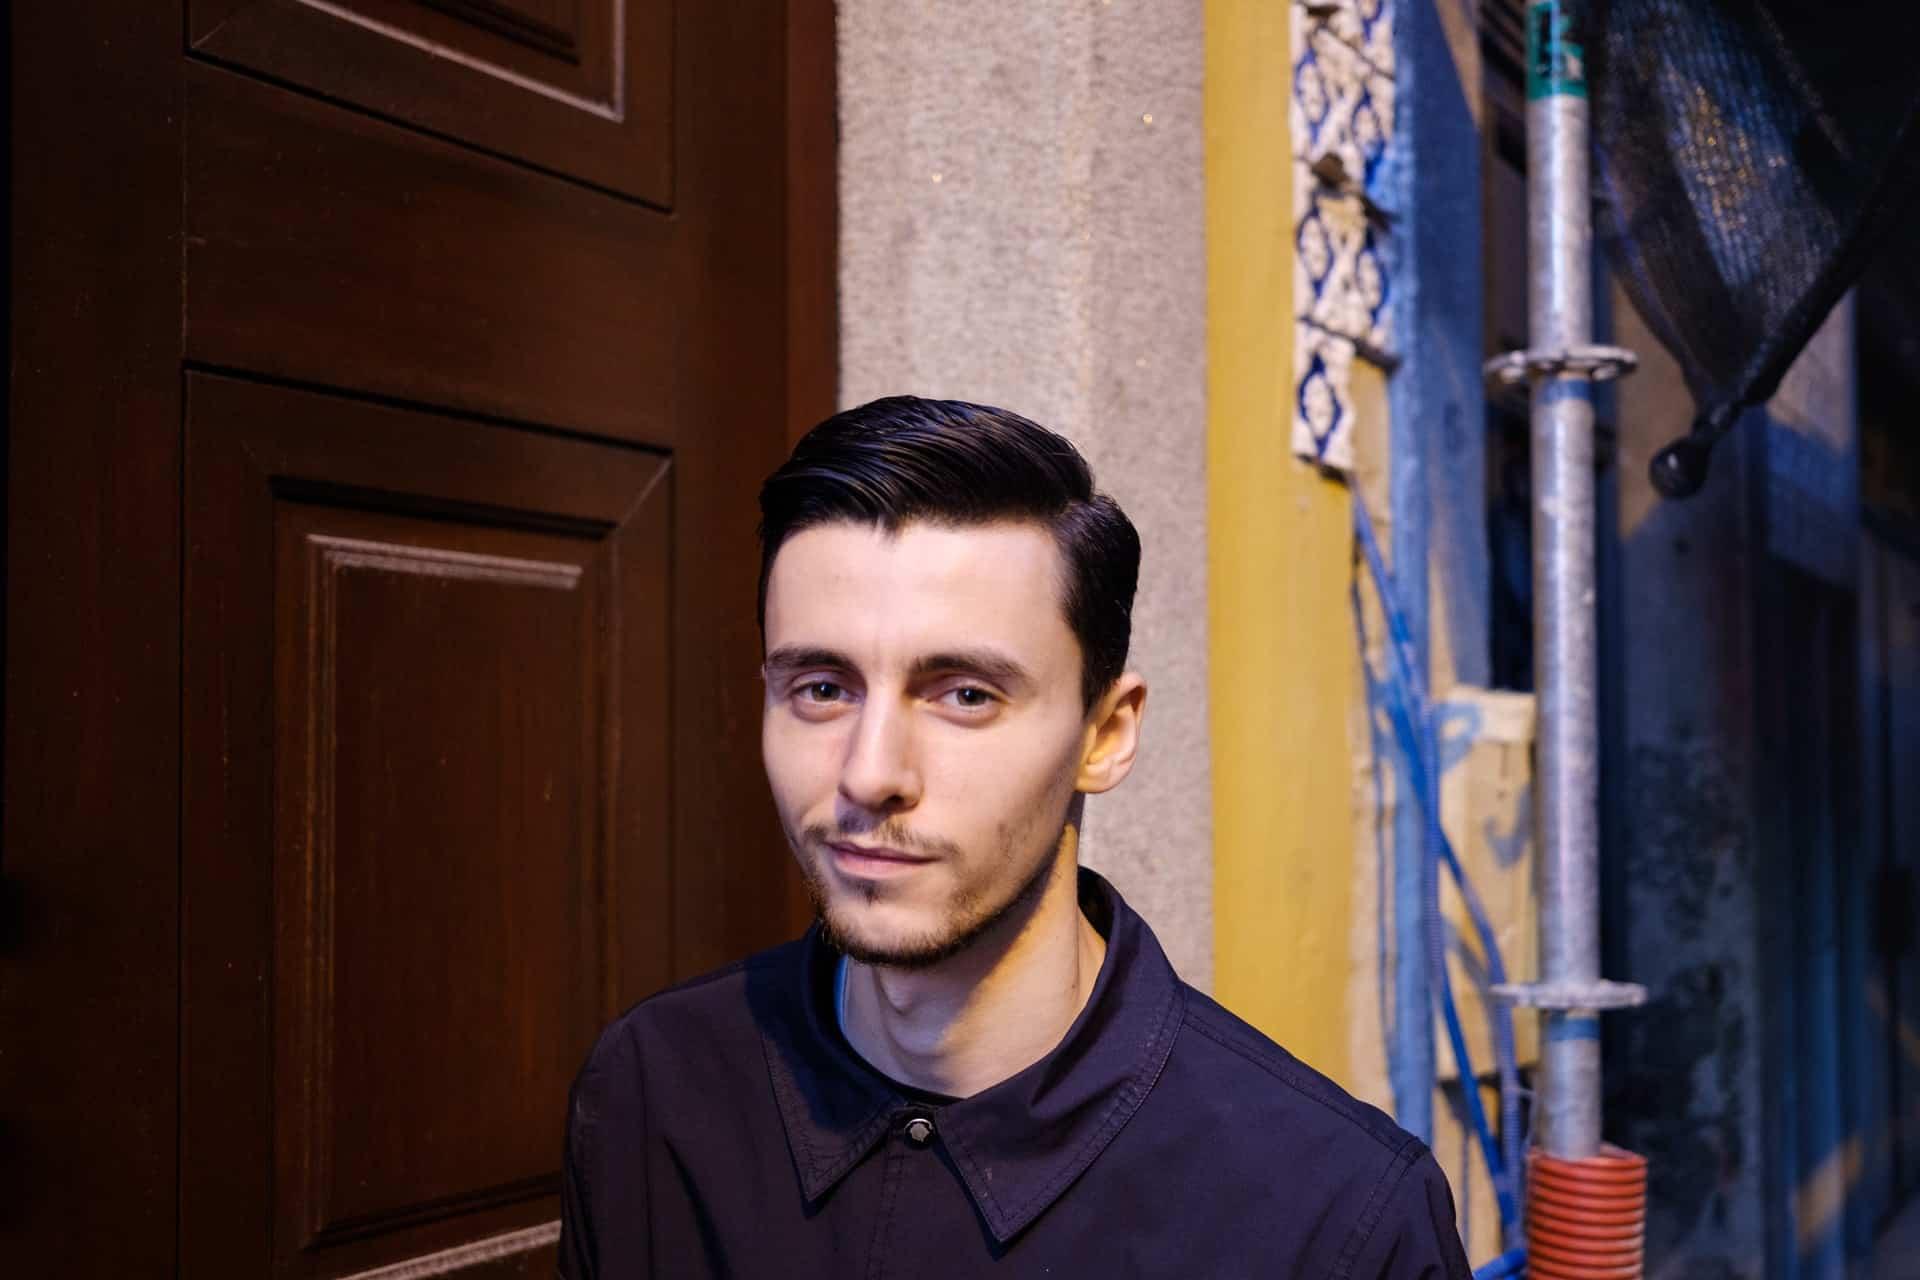 Ein Mann steht an der Tür